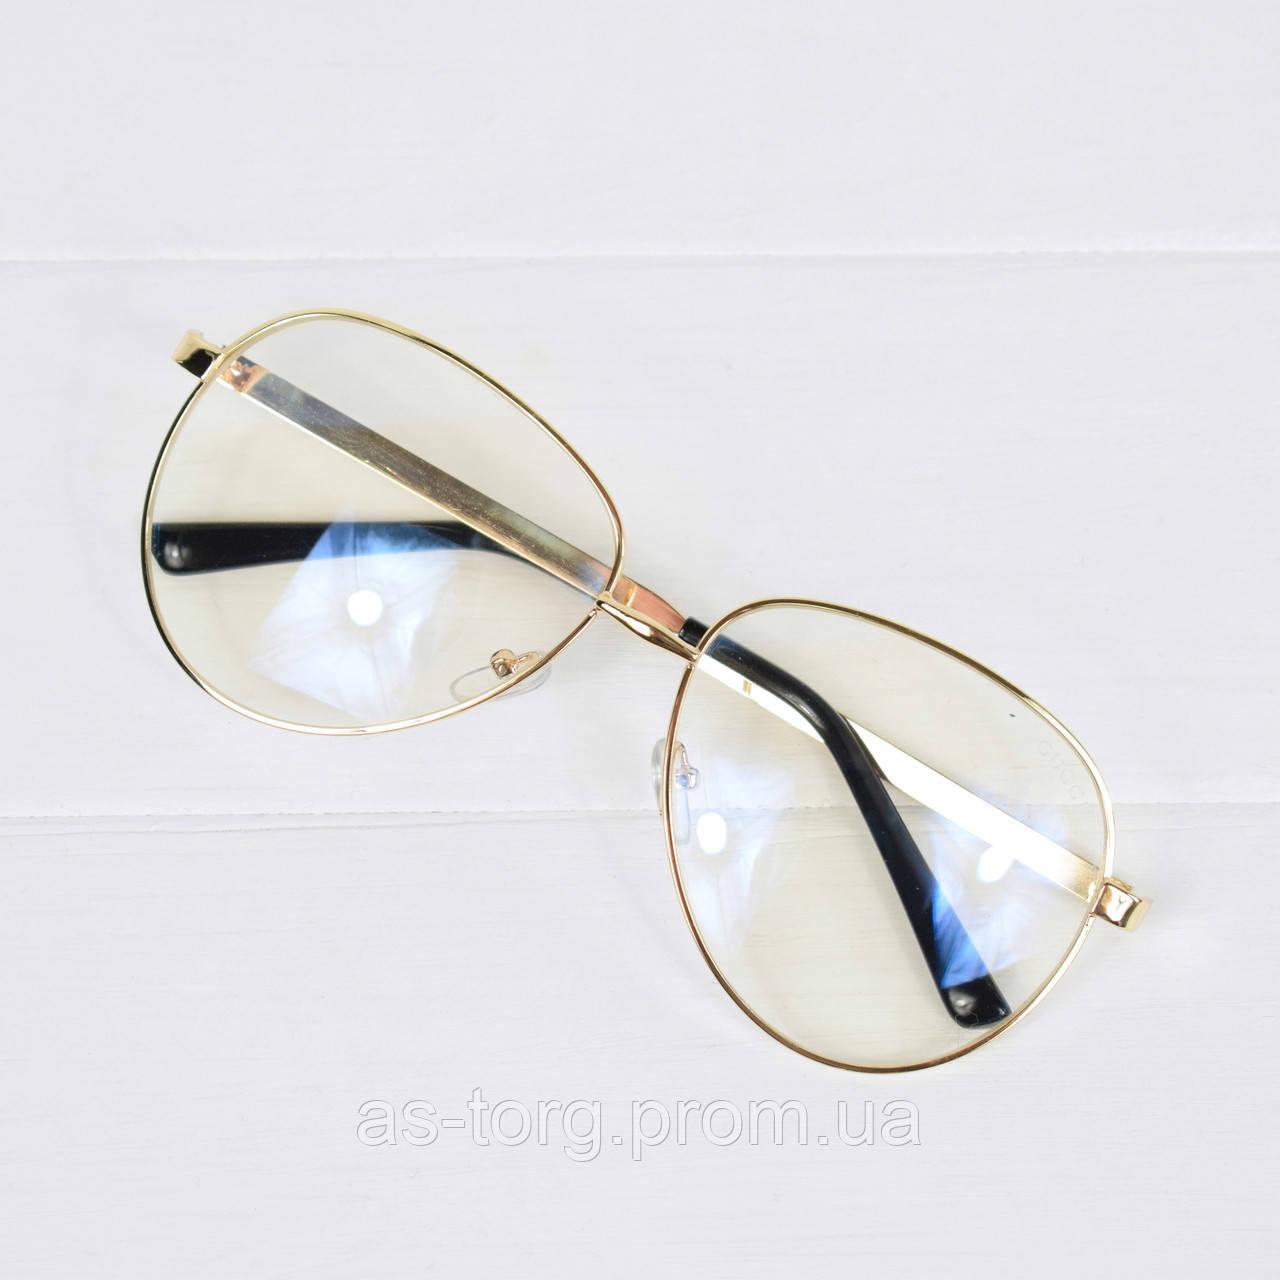 Очки женские Gucci золотые имидж, магазин очков  продажа, цена в ... f47fa605575